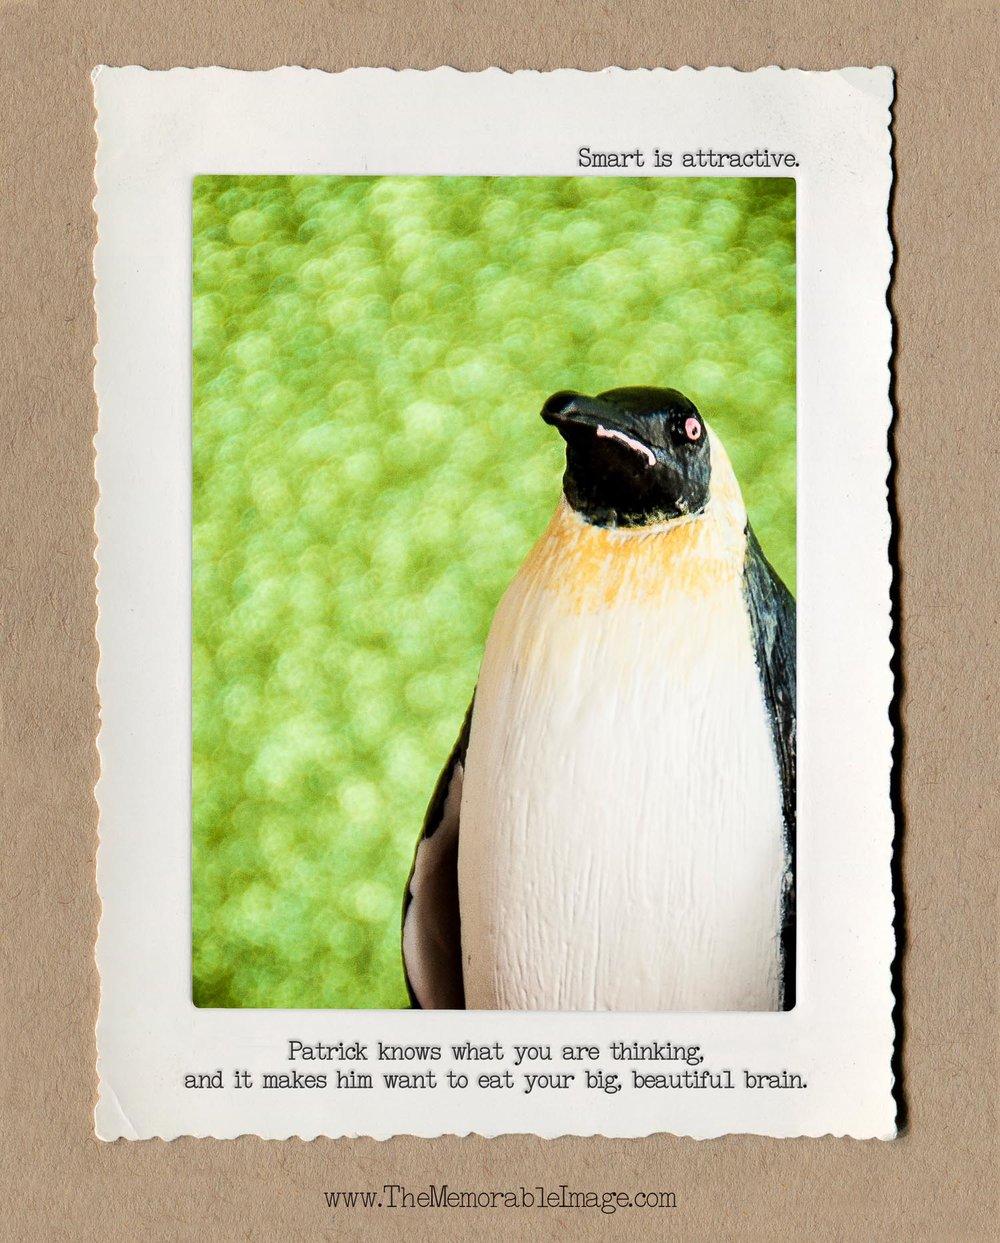 8x10_Vert_Oct_Zombie Penguin.jpg